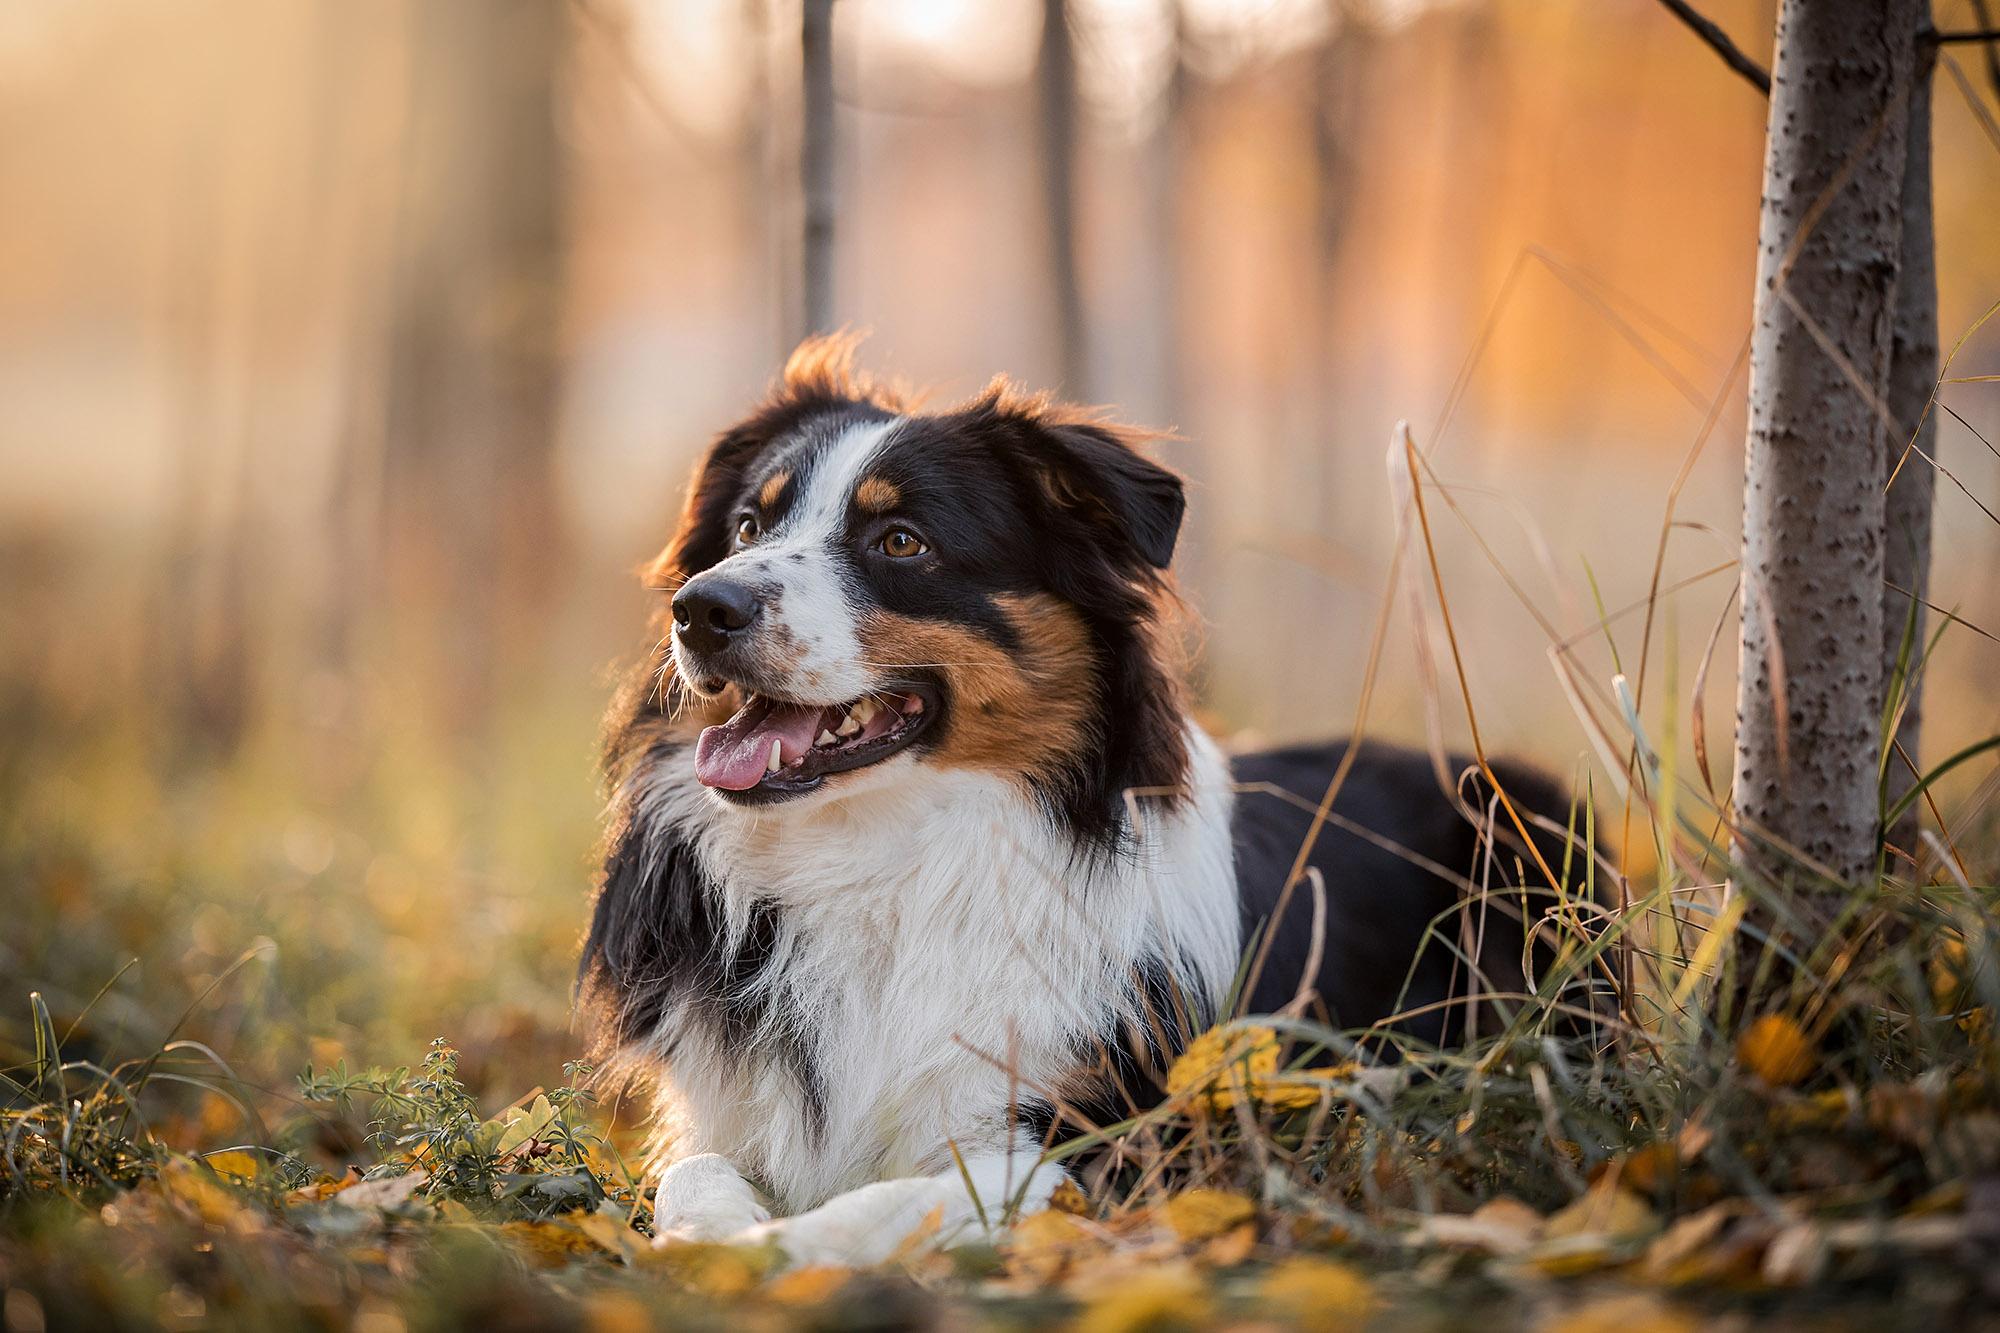 DJURFOTOGRAFERING  För små djur som katt eller liten hund finns min studio att tillgå, annars sker fotograferingen utomhus oavsett årstid.